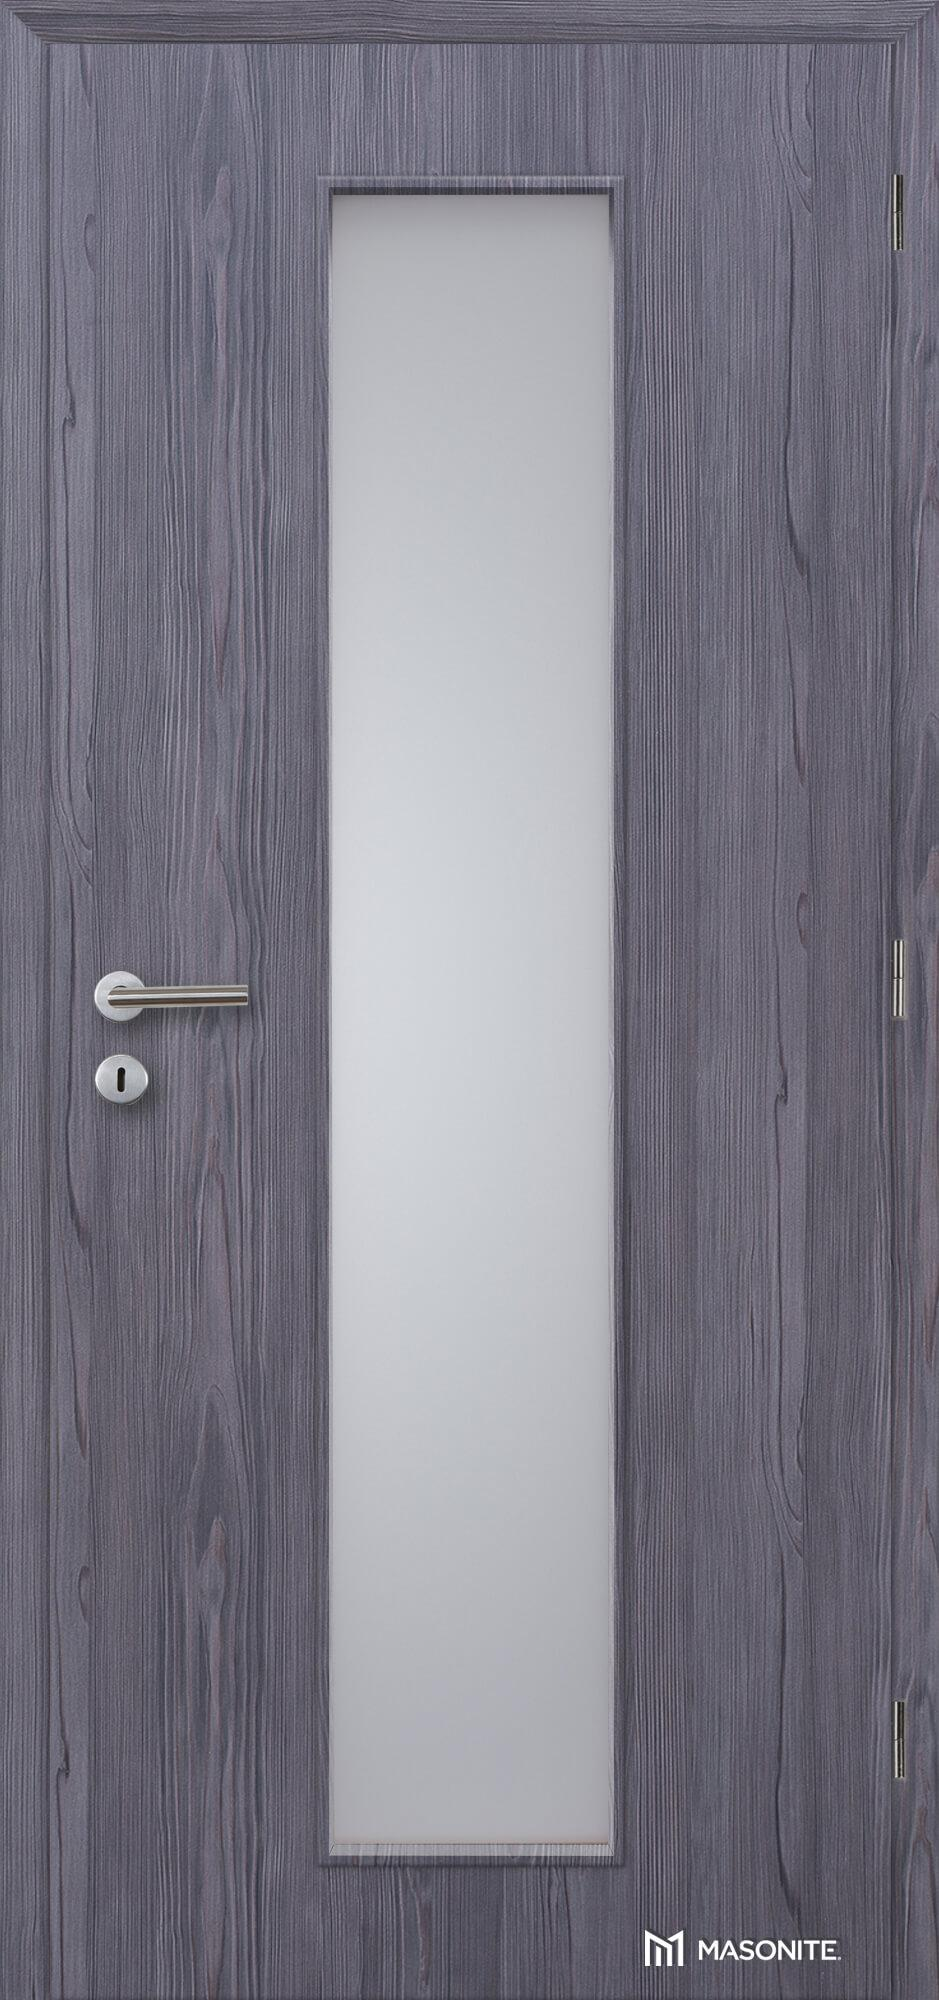 Interiérové dveře Masonite LINEA CPL Deluxe